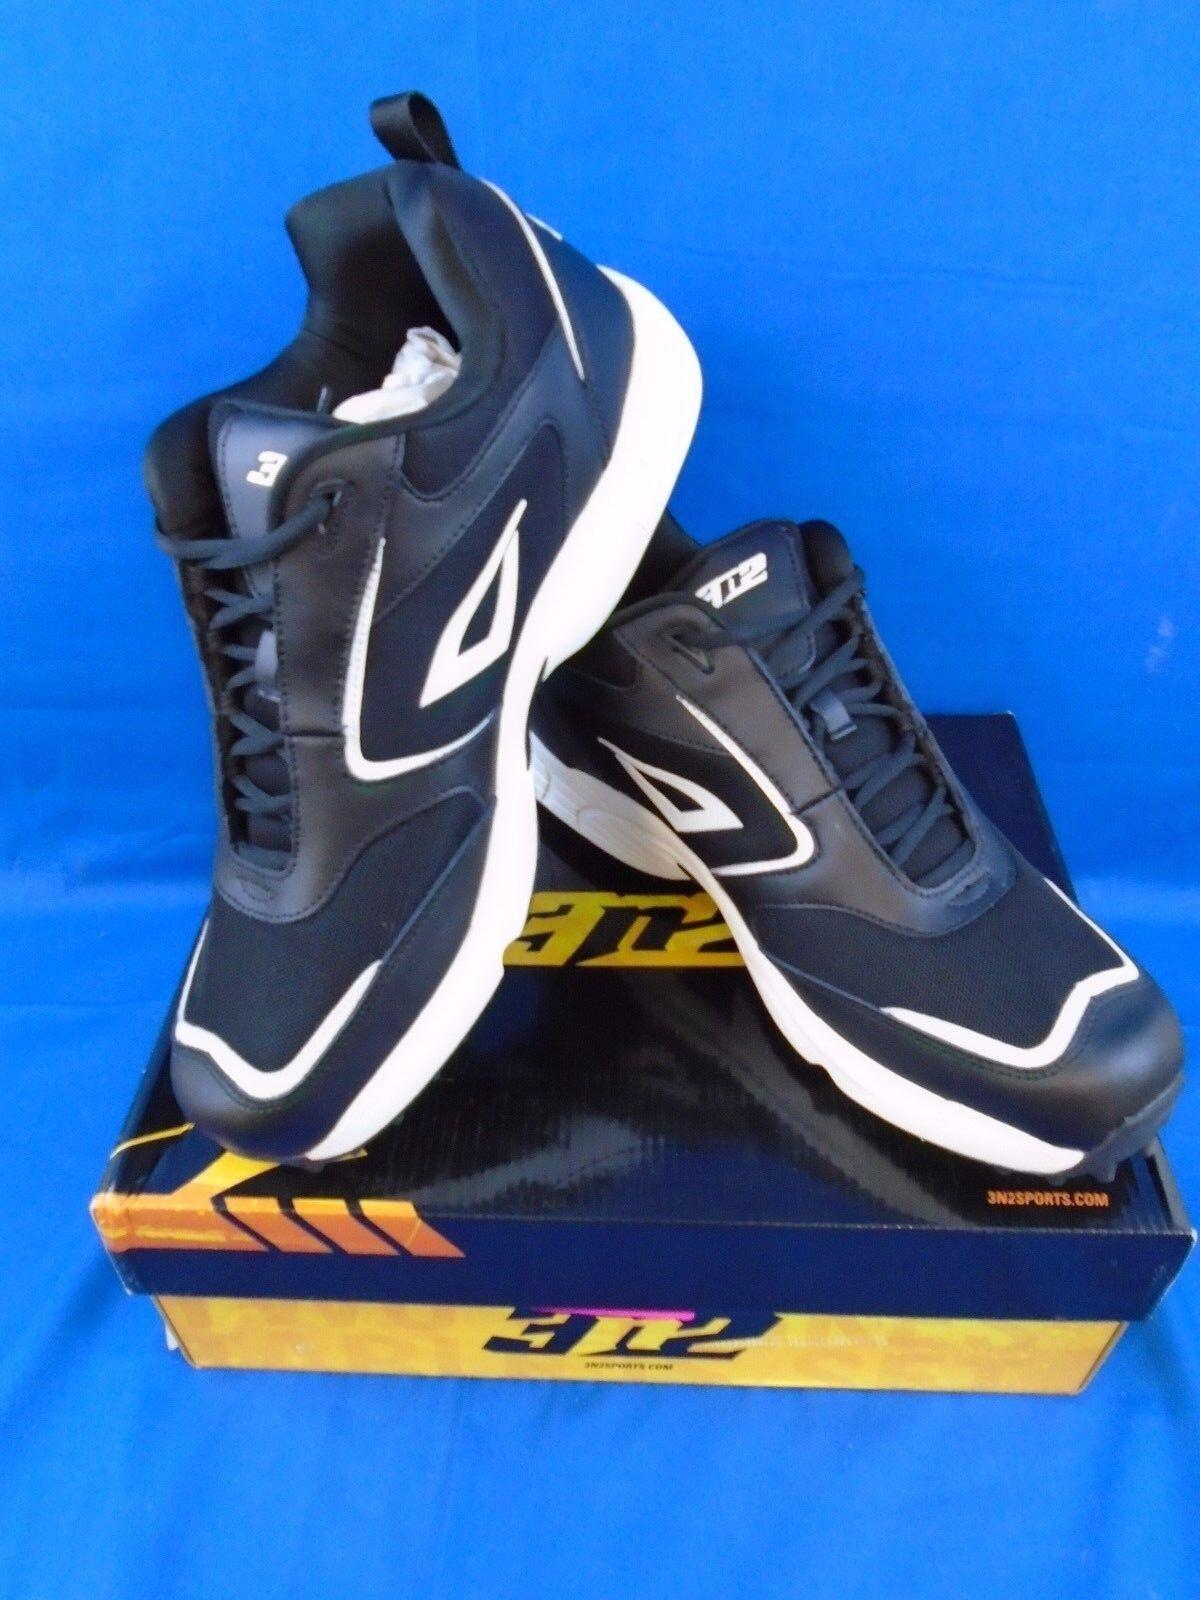 3n2 Mofo Turf Trainer schoenen zwart wit mannen's 14